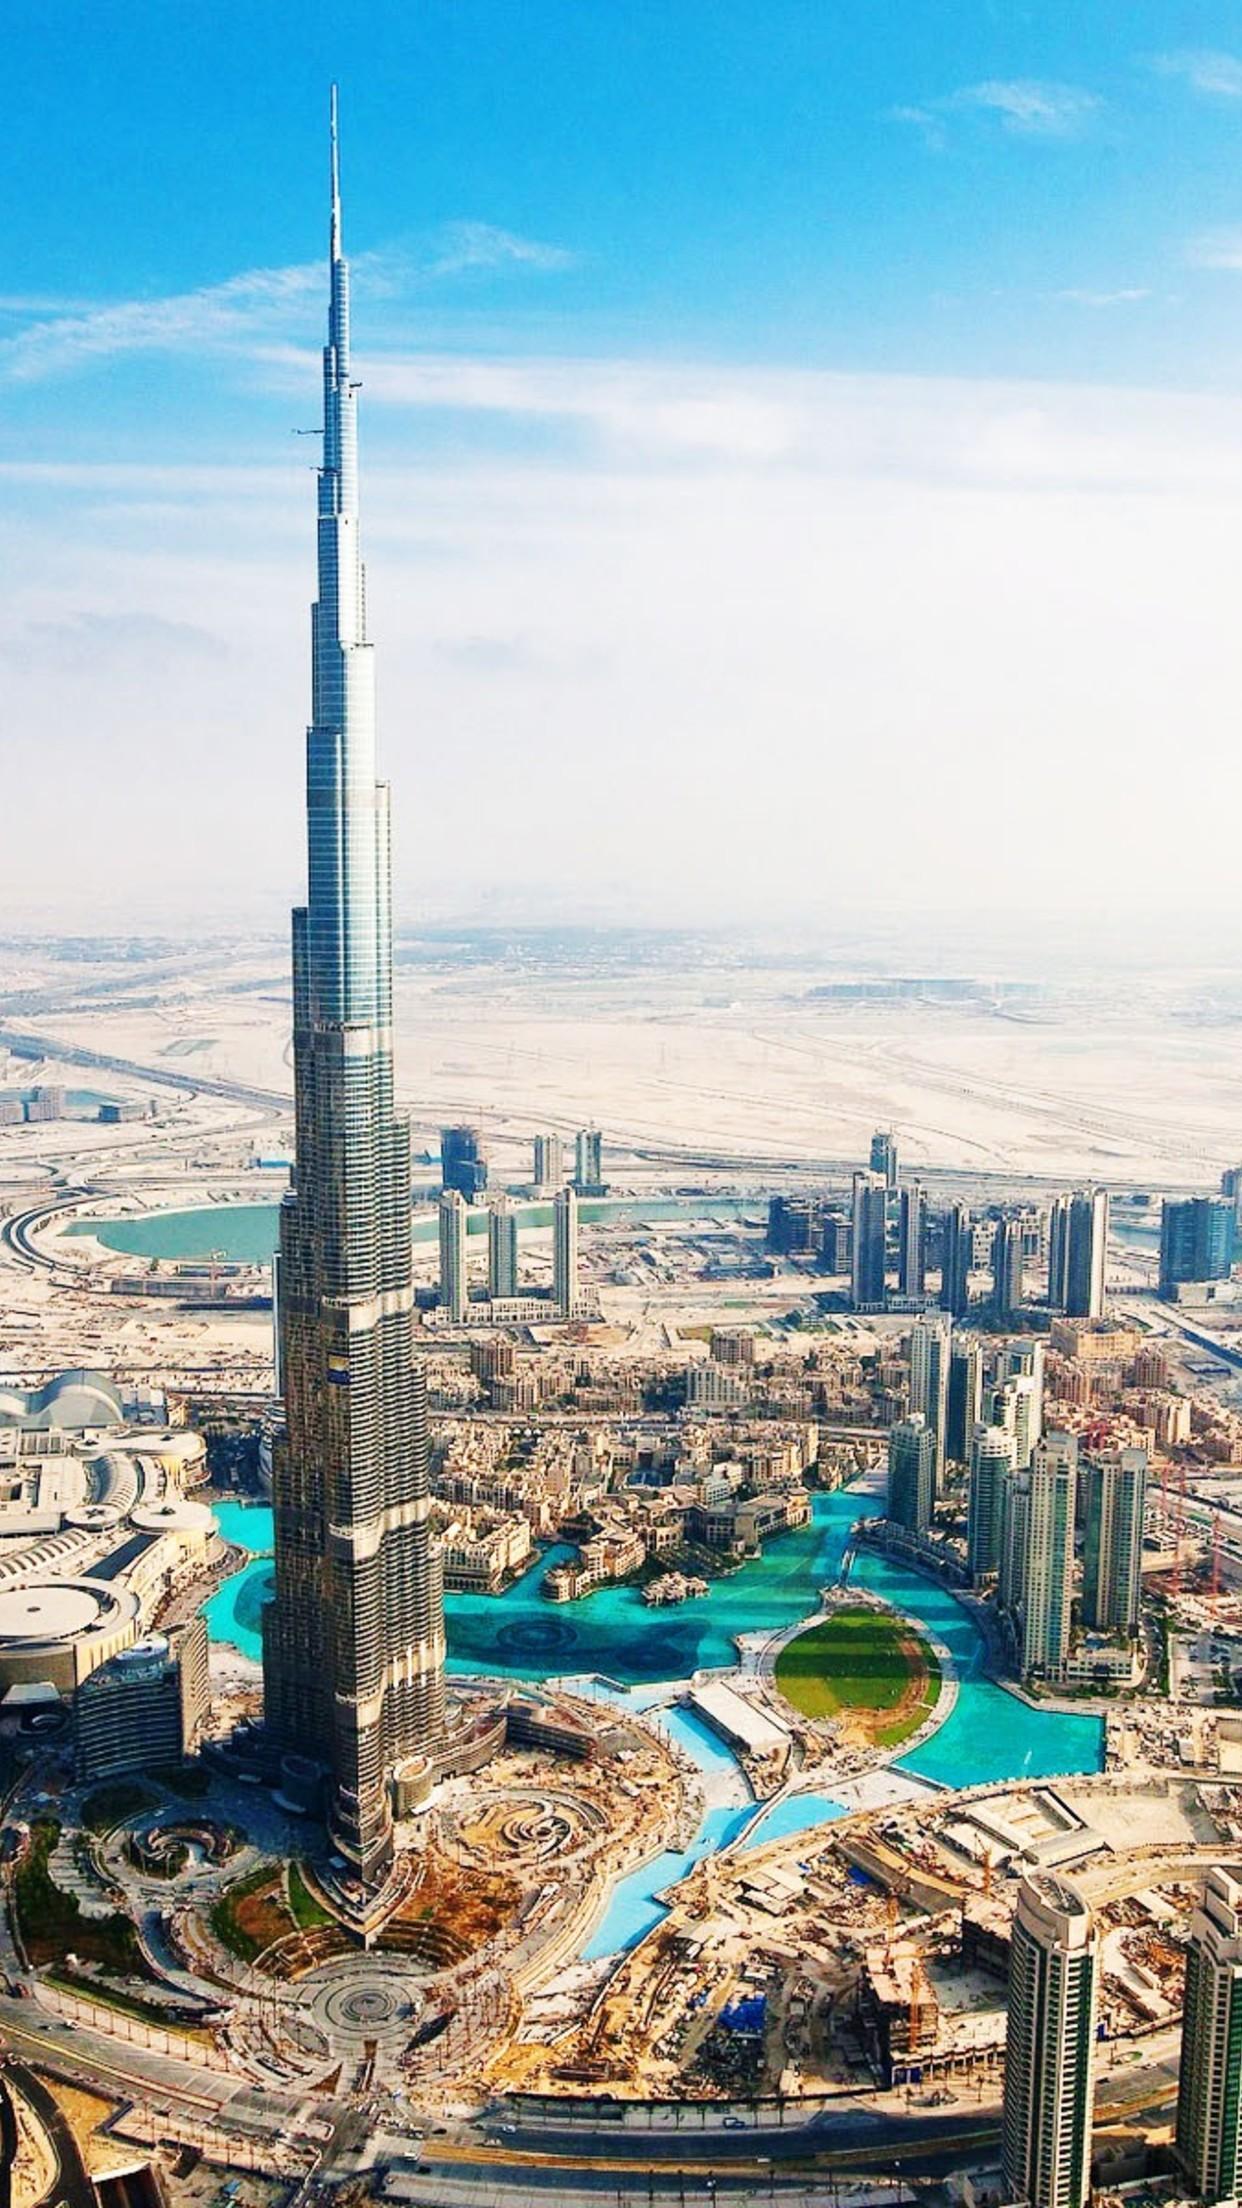 Дубай обои на айфон недвижимость рига юрмала